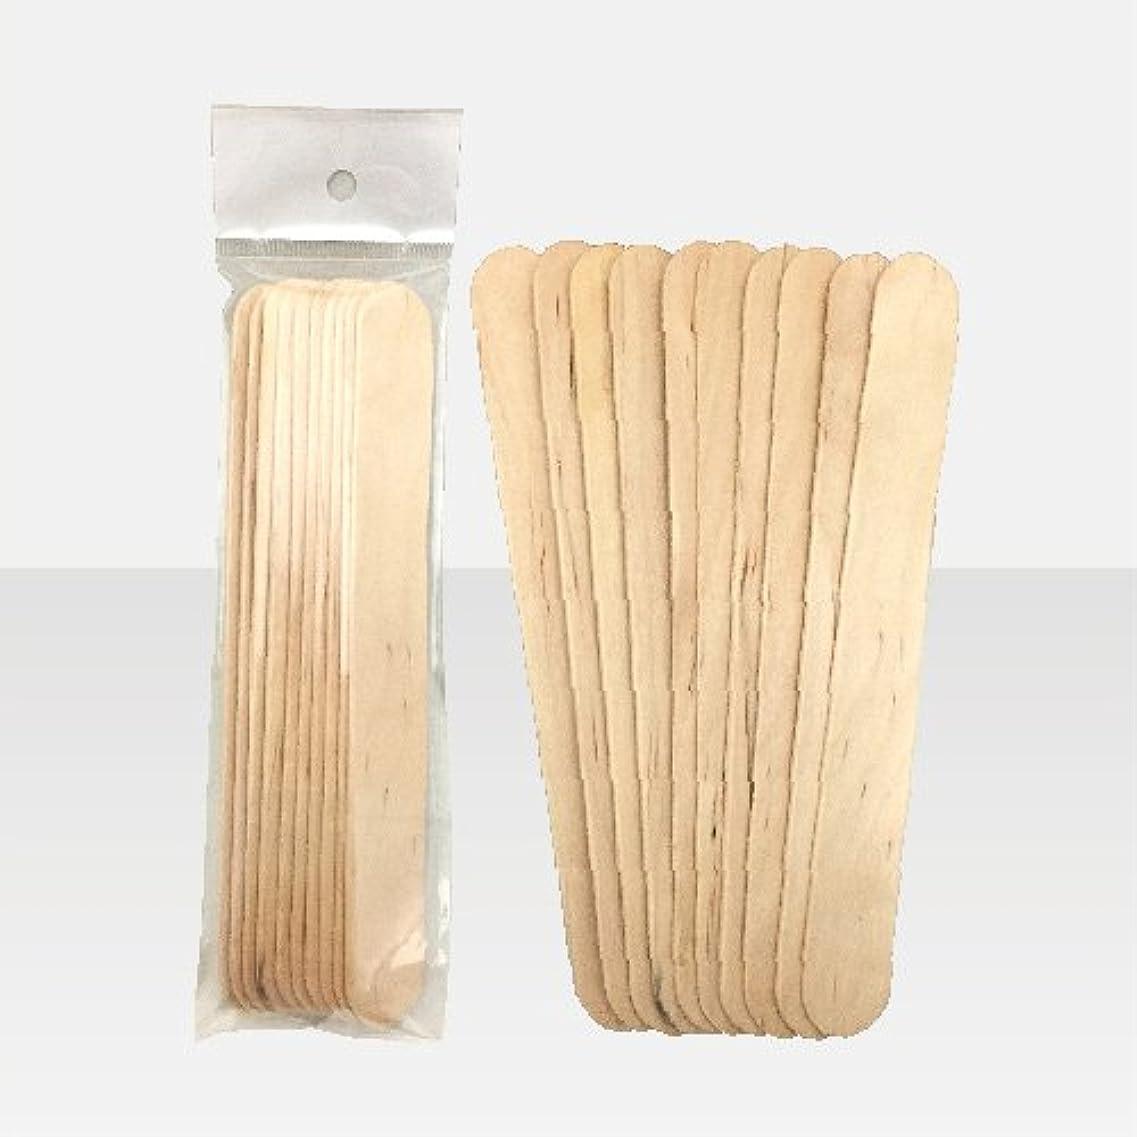 女将シンジケート欠かせないブラジリアンワックス 脱毛ワックス用  ワックススパチュラ 木ベラ /10本セット Mサイズ